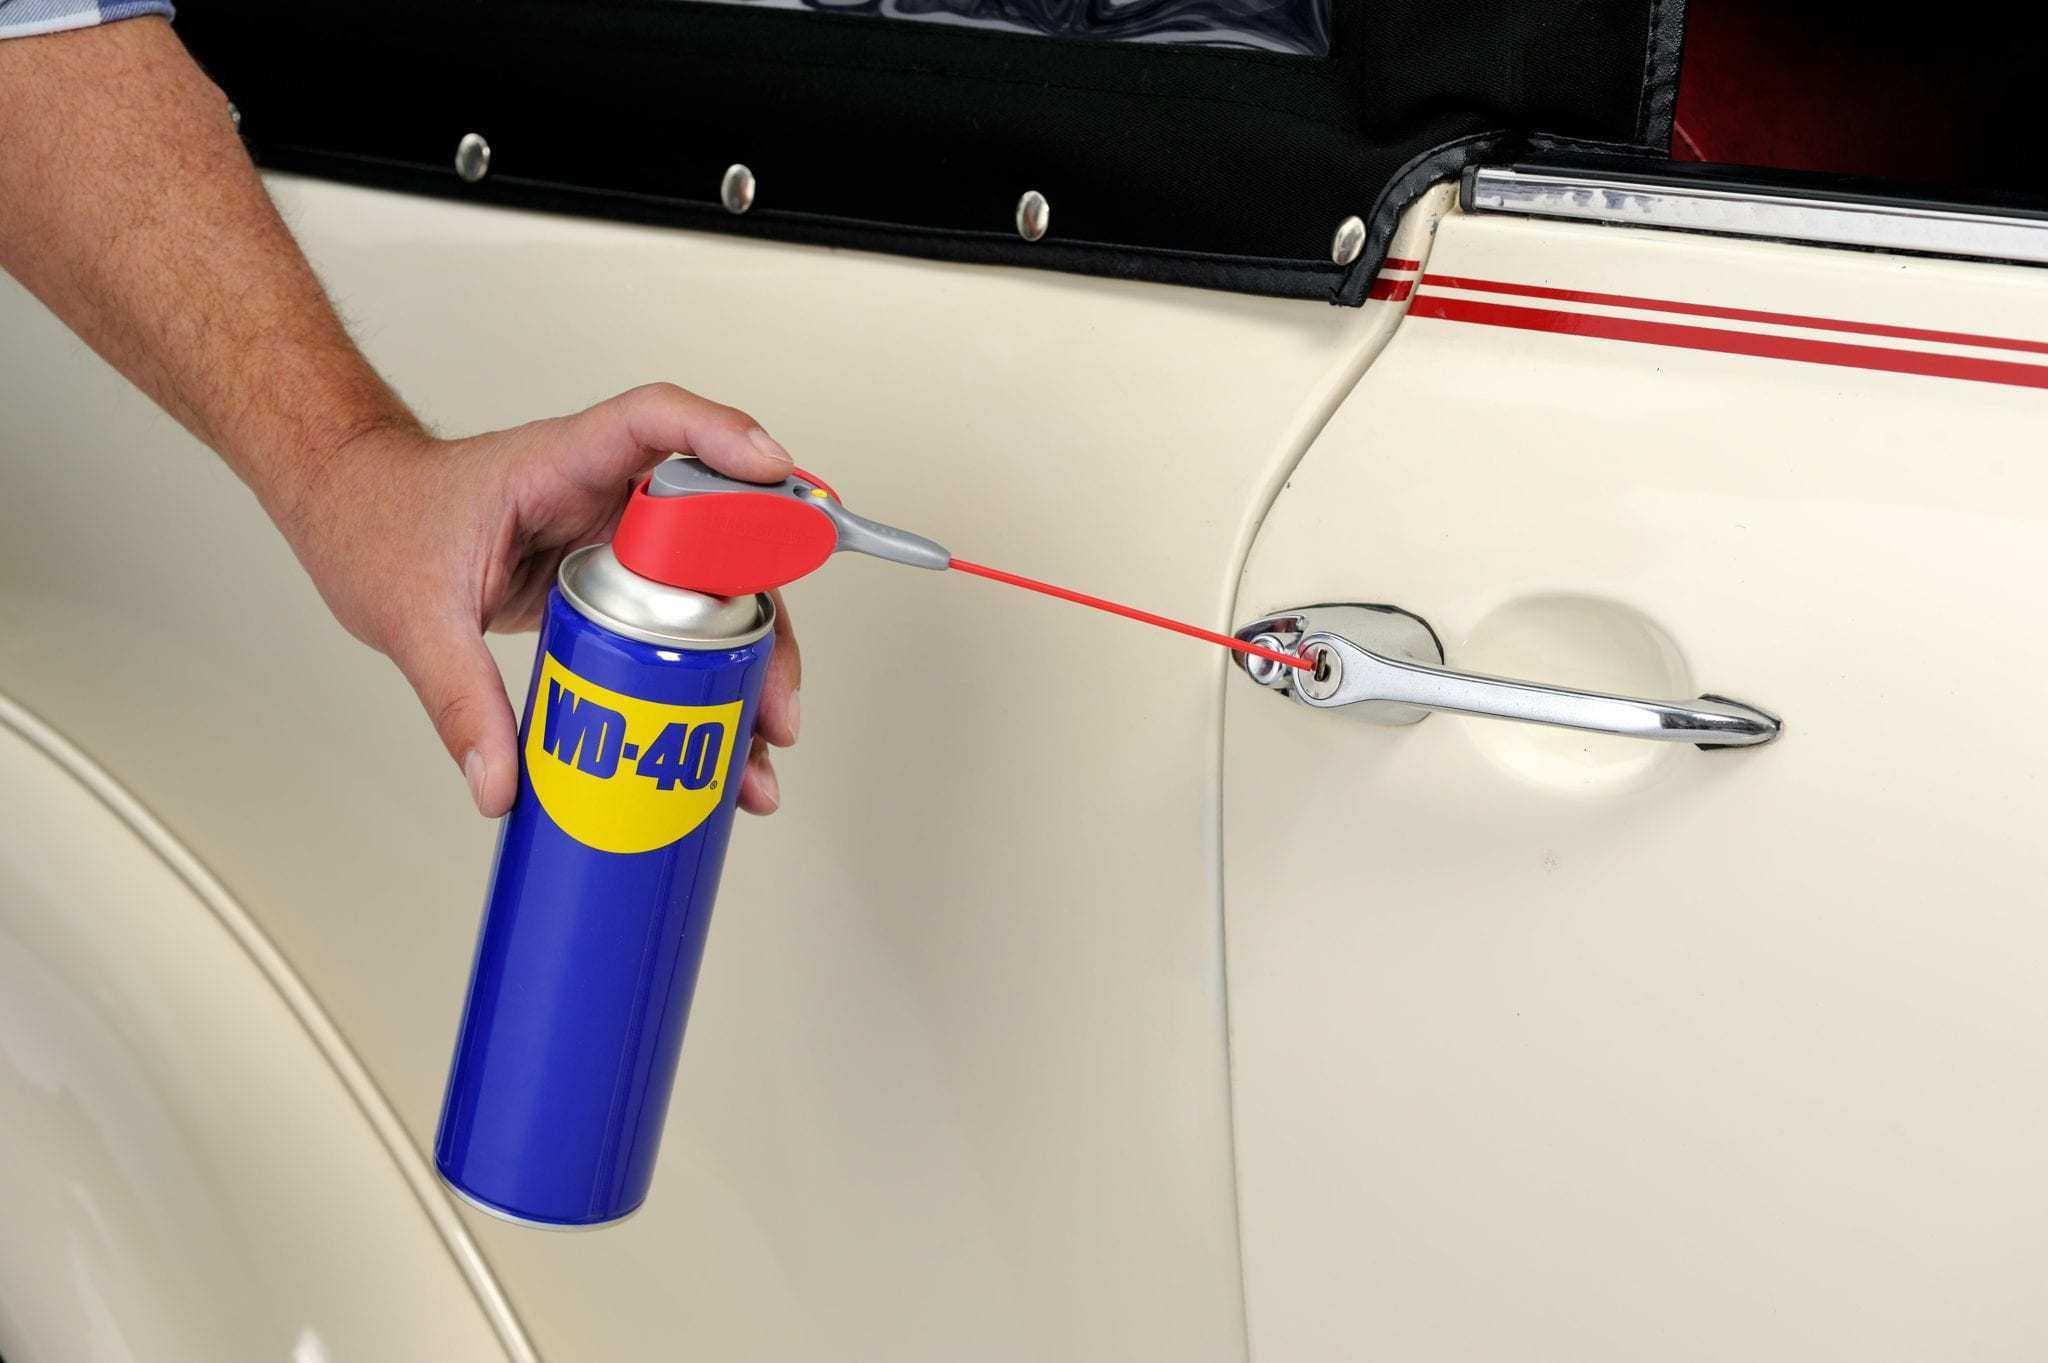 Mantenimiento de tu coche: Cerradura atascada y otras averías evitables (parte 2)